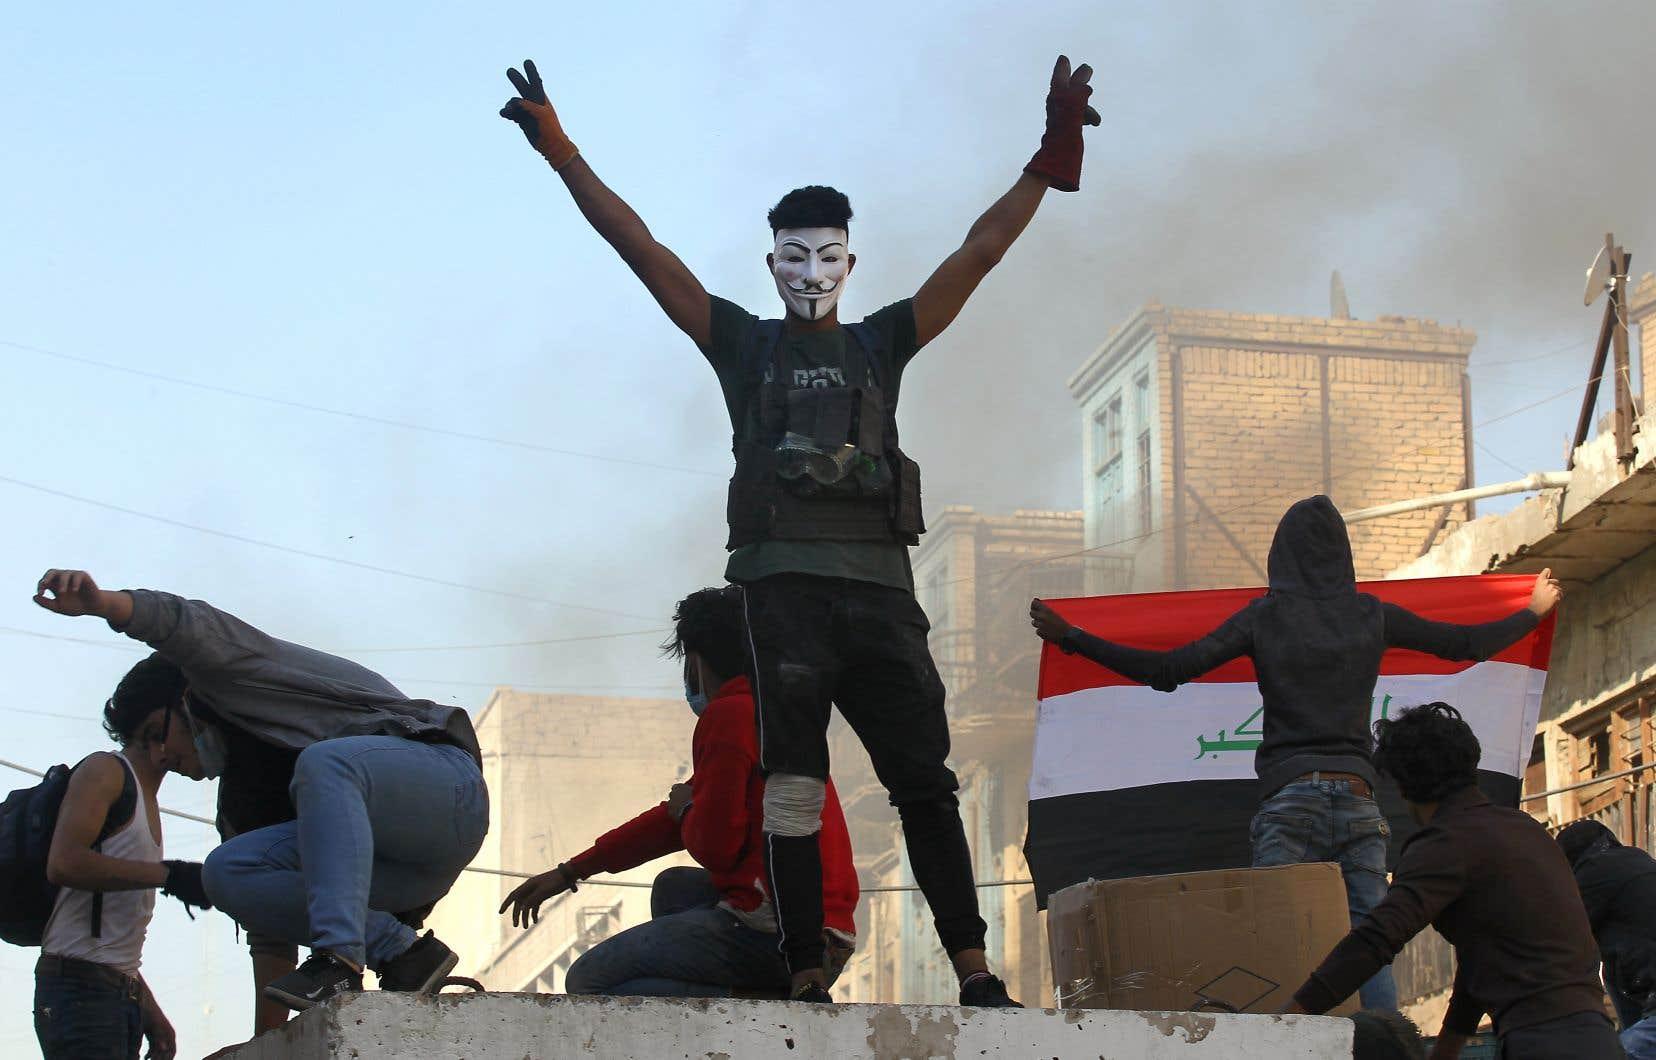 Vendredi, aux abords de trois ponts reliant la place Tahrir aux principales institutions du pays, quatre manifestants ont été tués et 30 blessés, selon des sources médicales.